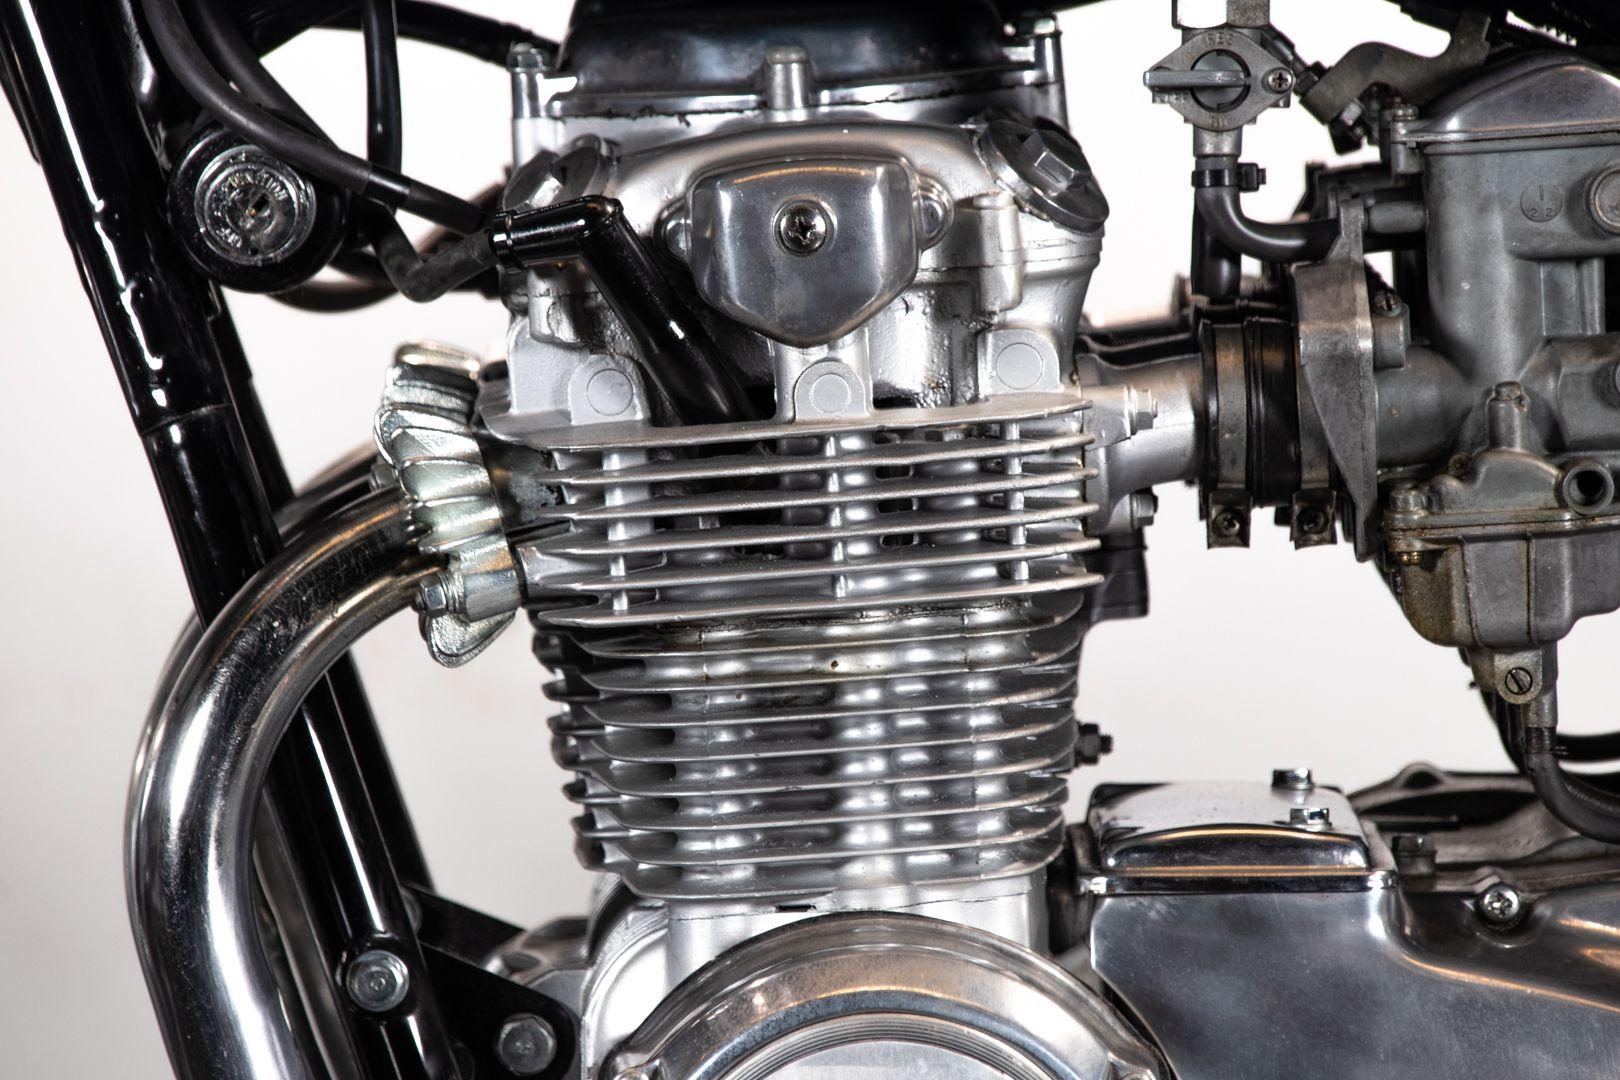 1976 Honda CB 500 Four 73318